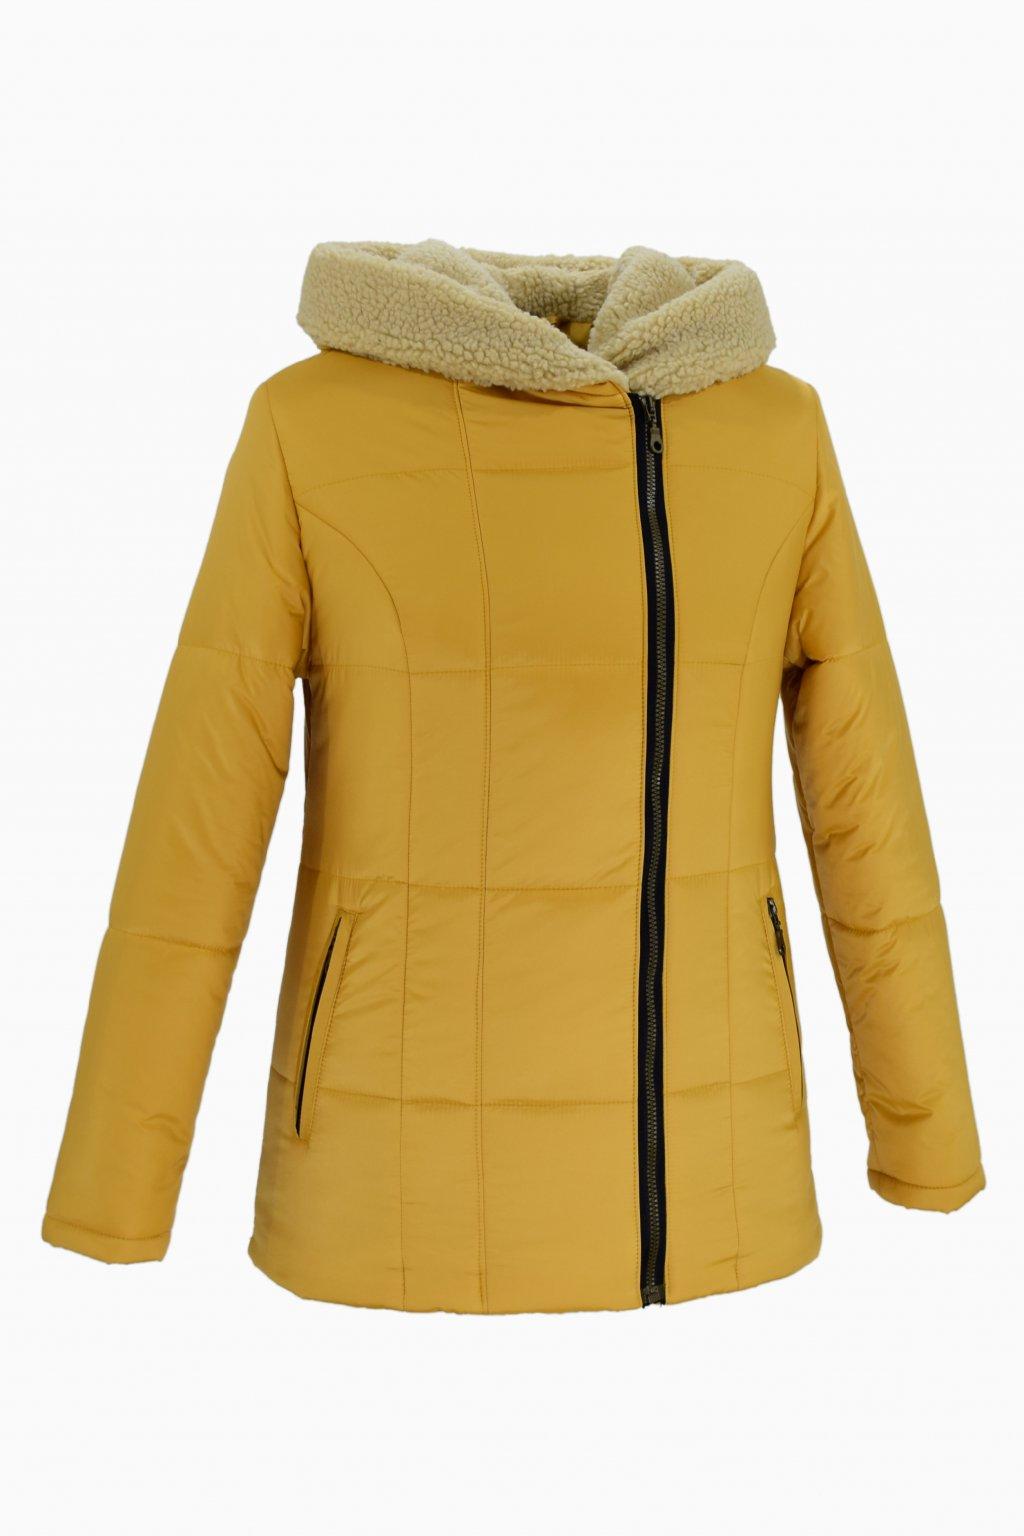 Dámská žlutá zimní bunda XENA nadměrné velikosti.